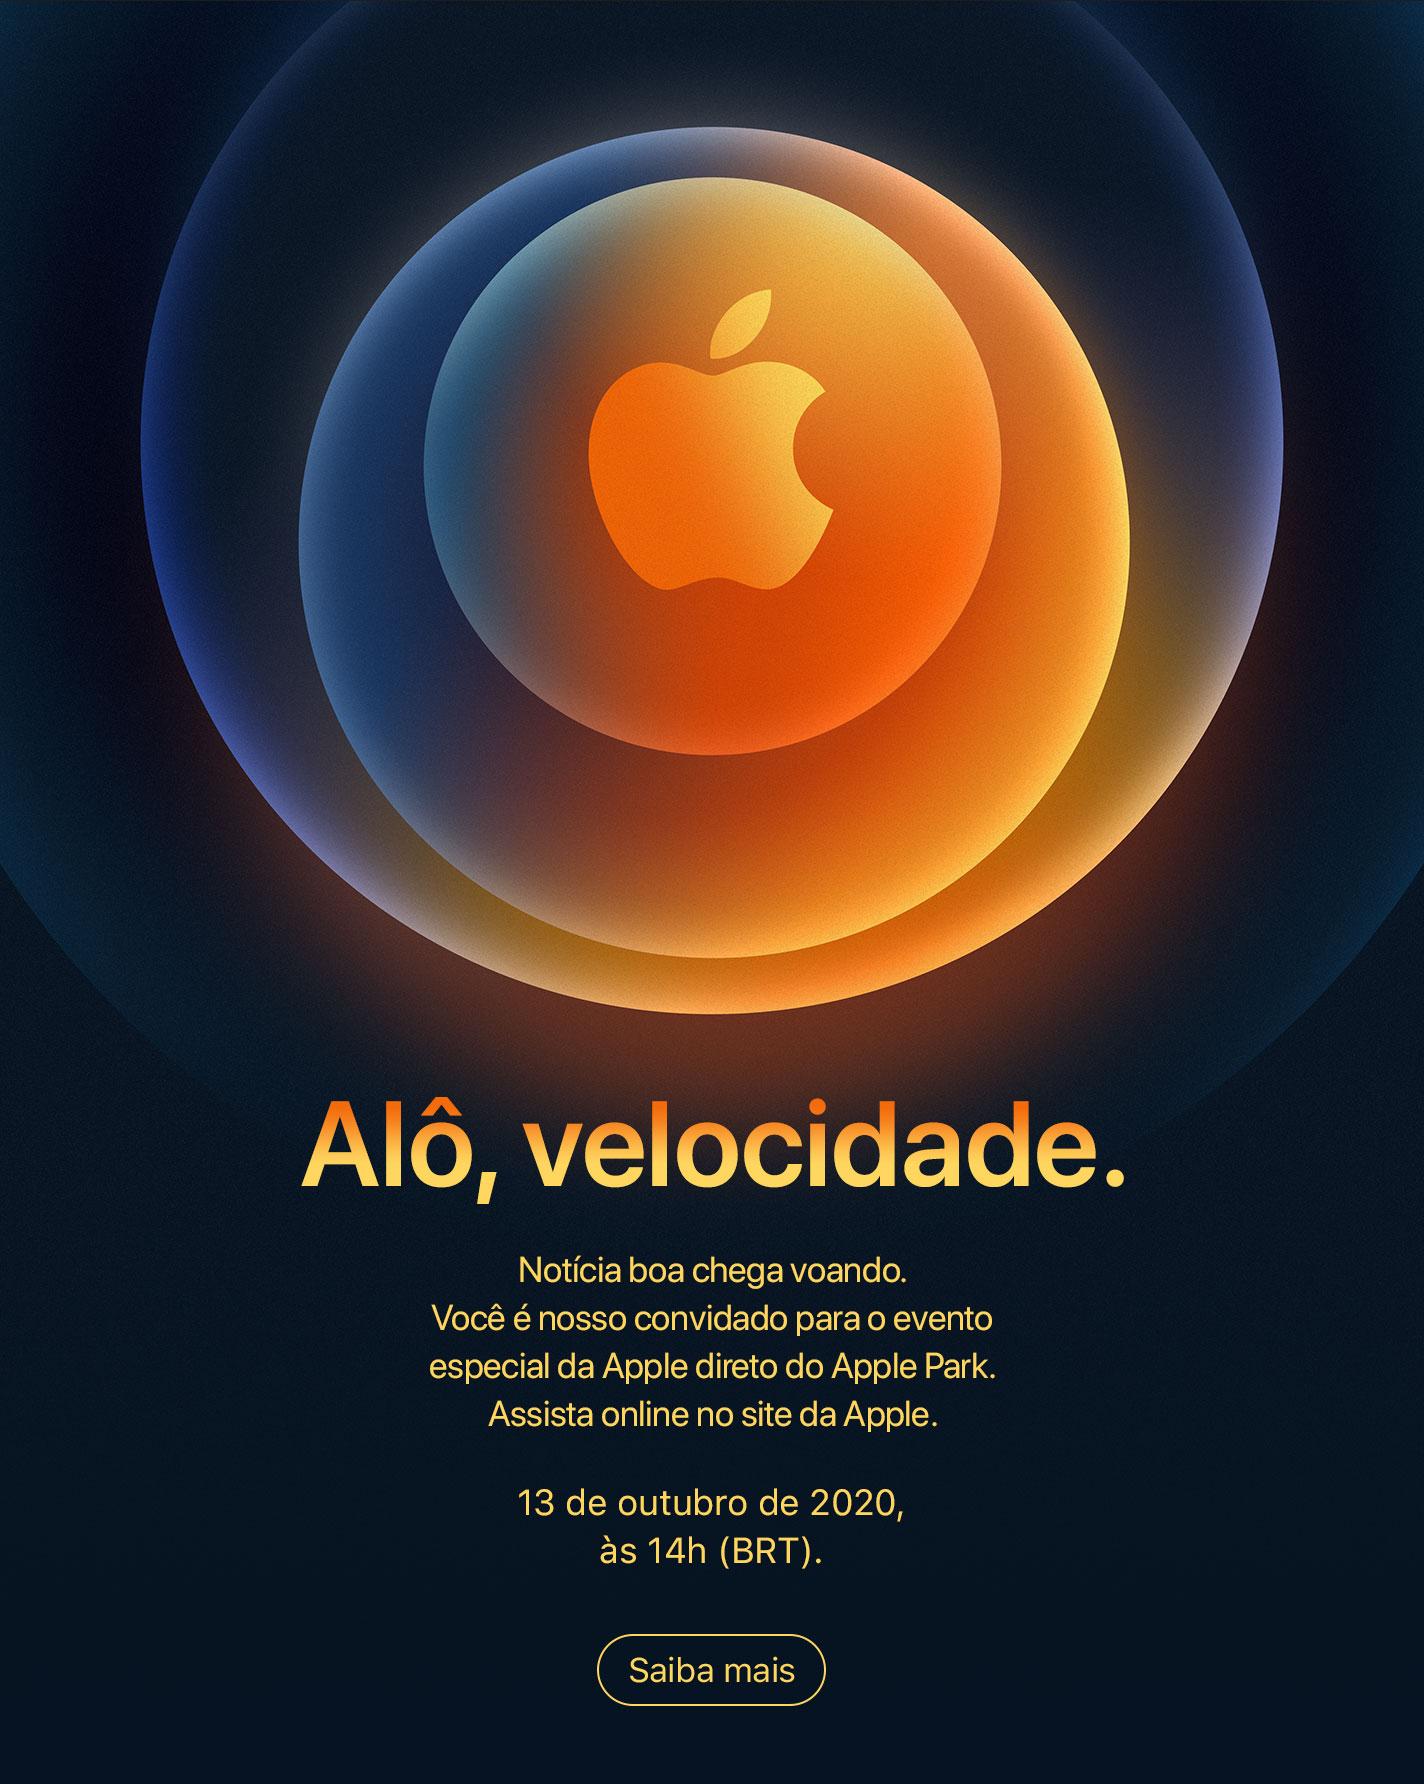 Alô, velocidade. Notícia boa chega voando. Você é nosso convidado para o evento especial da Apple direto do Apple Park. Assista online no site da Apple. 13 de outubro de 2020, às 14h (BRT). Saiba mais